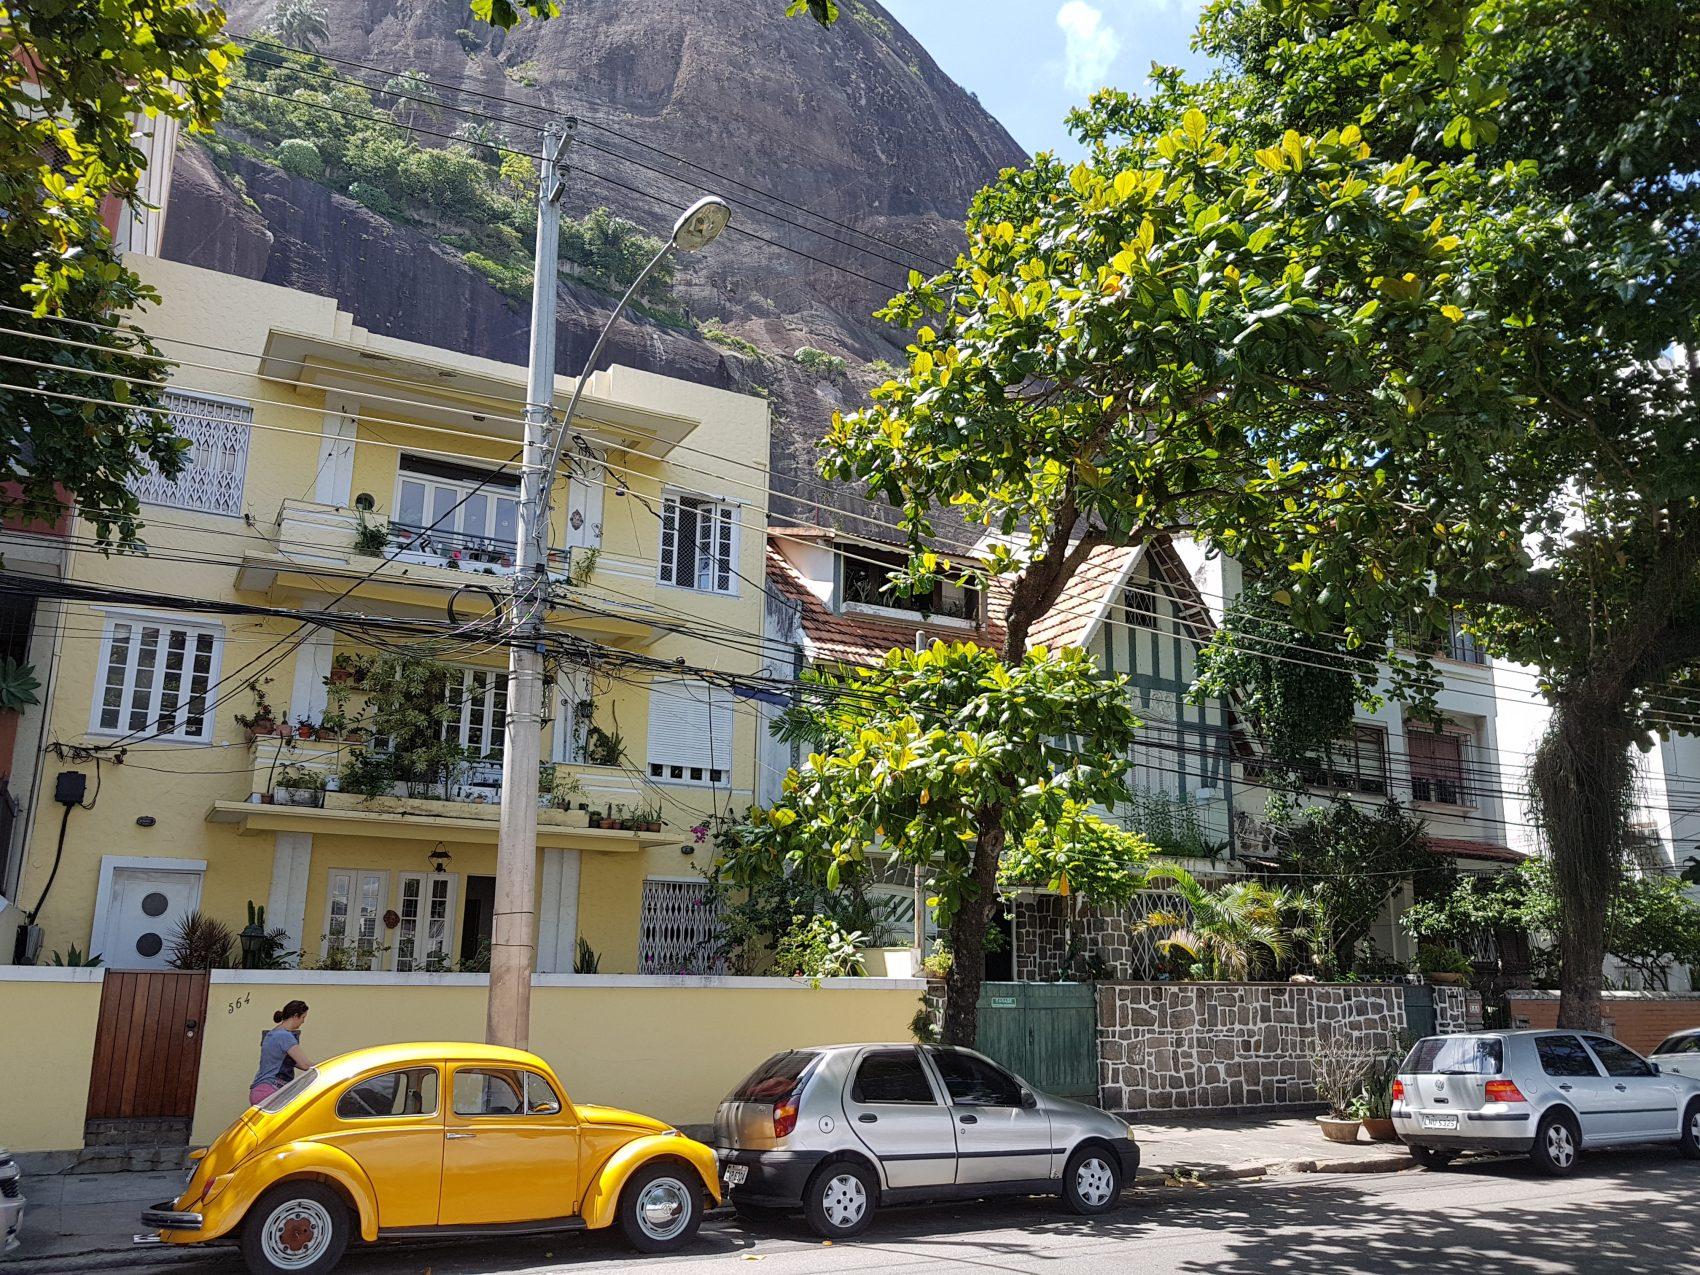 Até o Fusquinha amarelo mostra que a Urca e suas casas guardam ares do século passado (Foto Oscar Valporto)